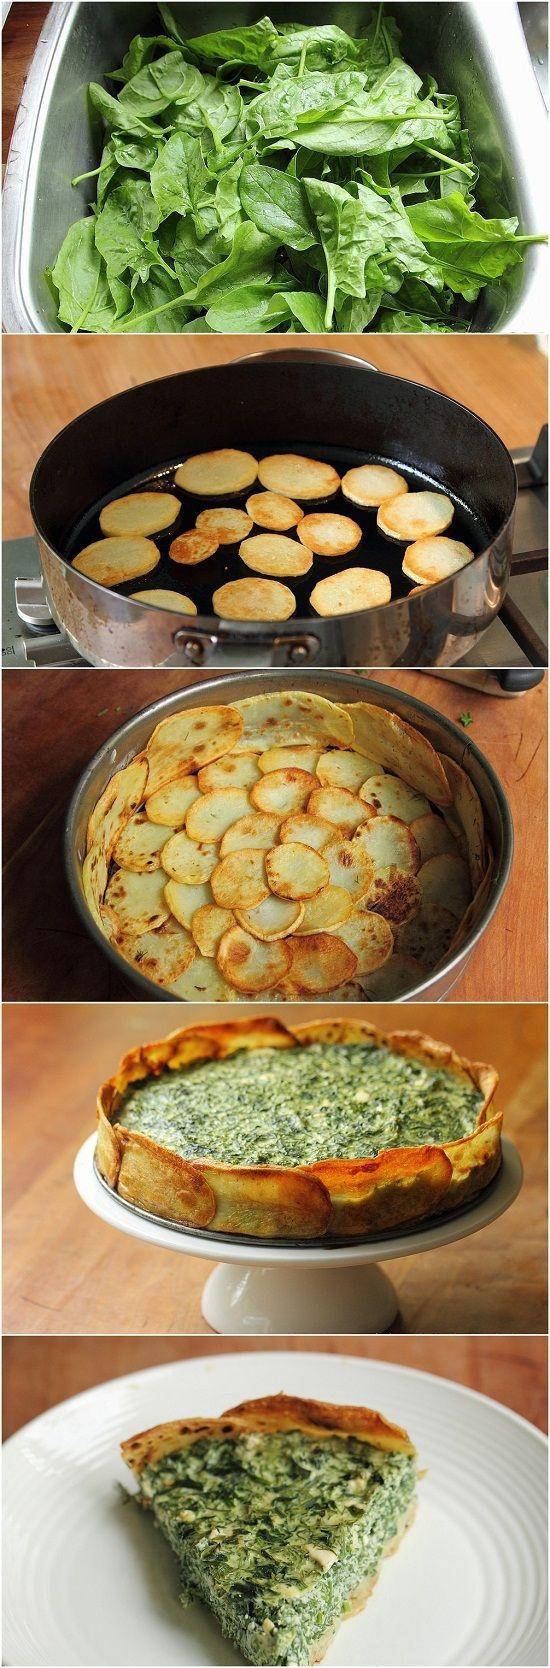 Tarta de patatas y espinaxas: 600 g, de patatas aceite de oliva 350 g de espinacas 2 huevos 1 taza de queso ricotta perejil, cebollino, eneldo 100 g queso feta, desmenuzado ralladura de 1 limón sal pimienta